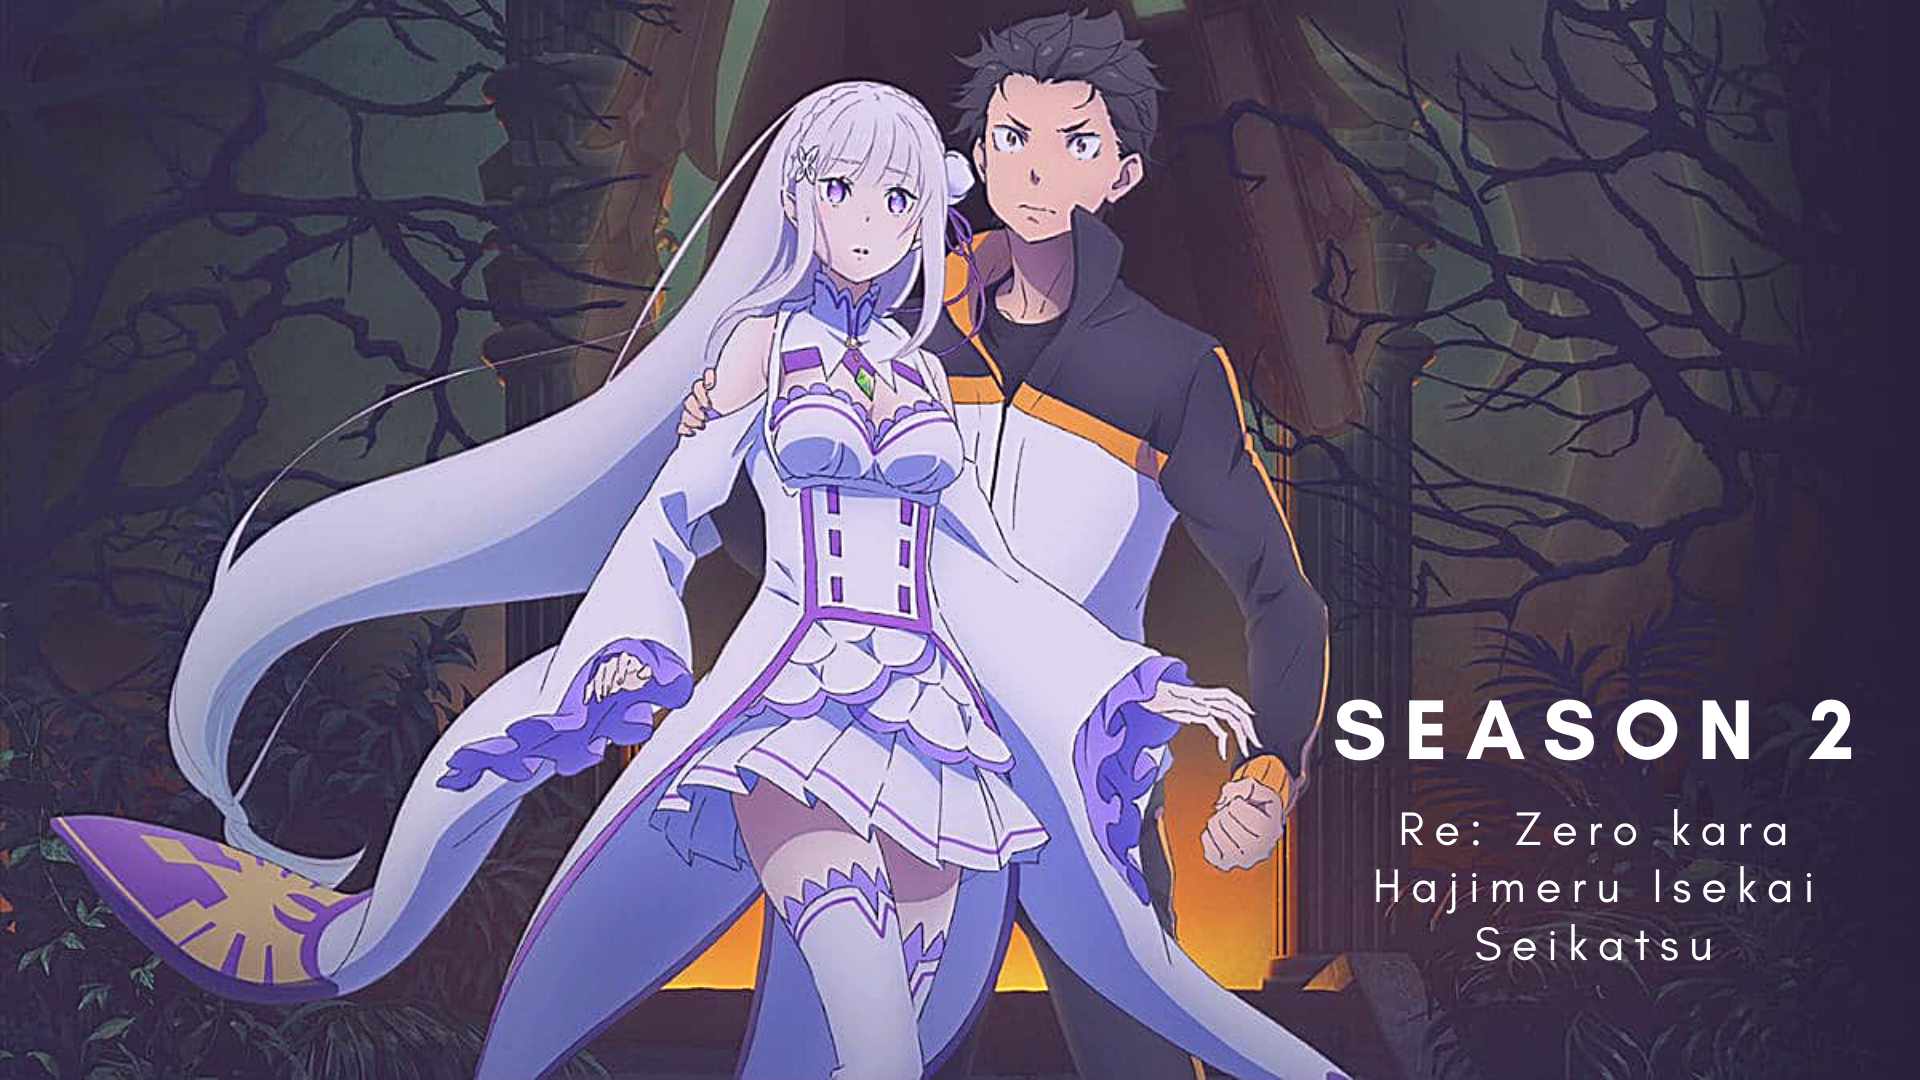 Re-Zero-Hajimeru-isekai-seikatsu-Season-2.png